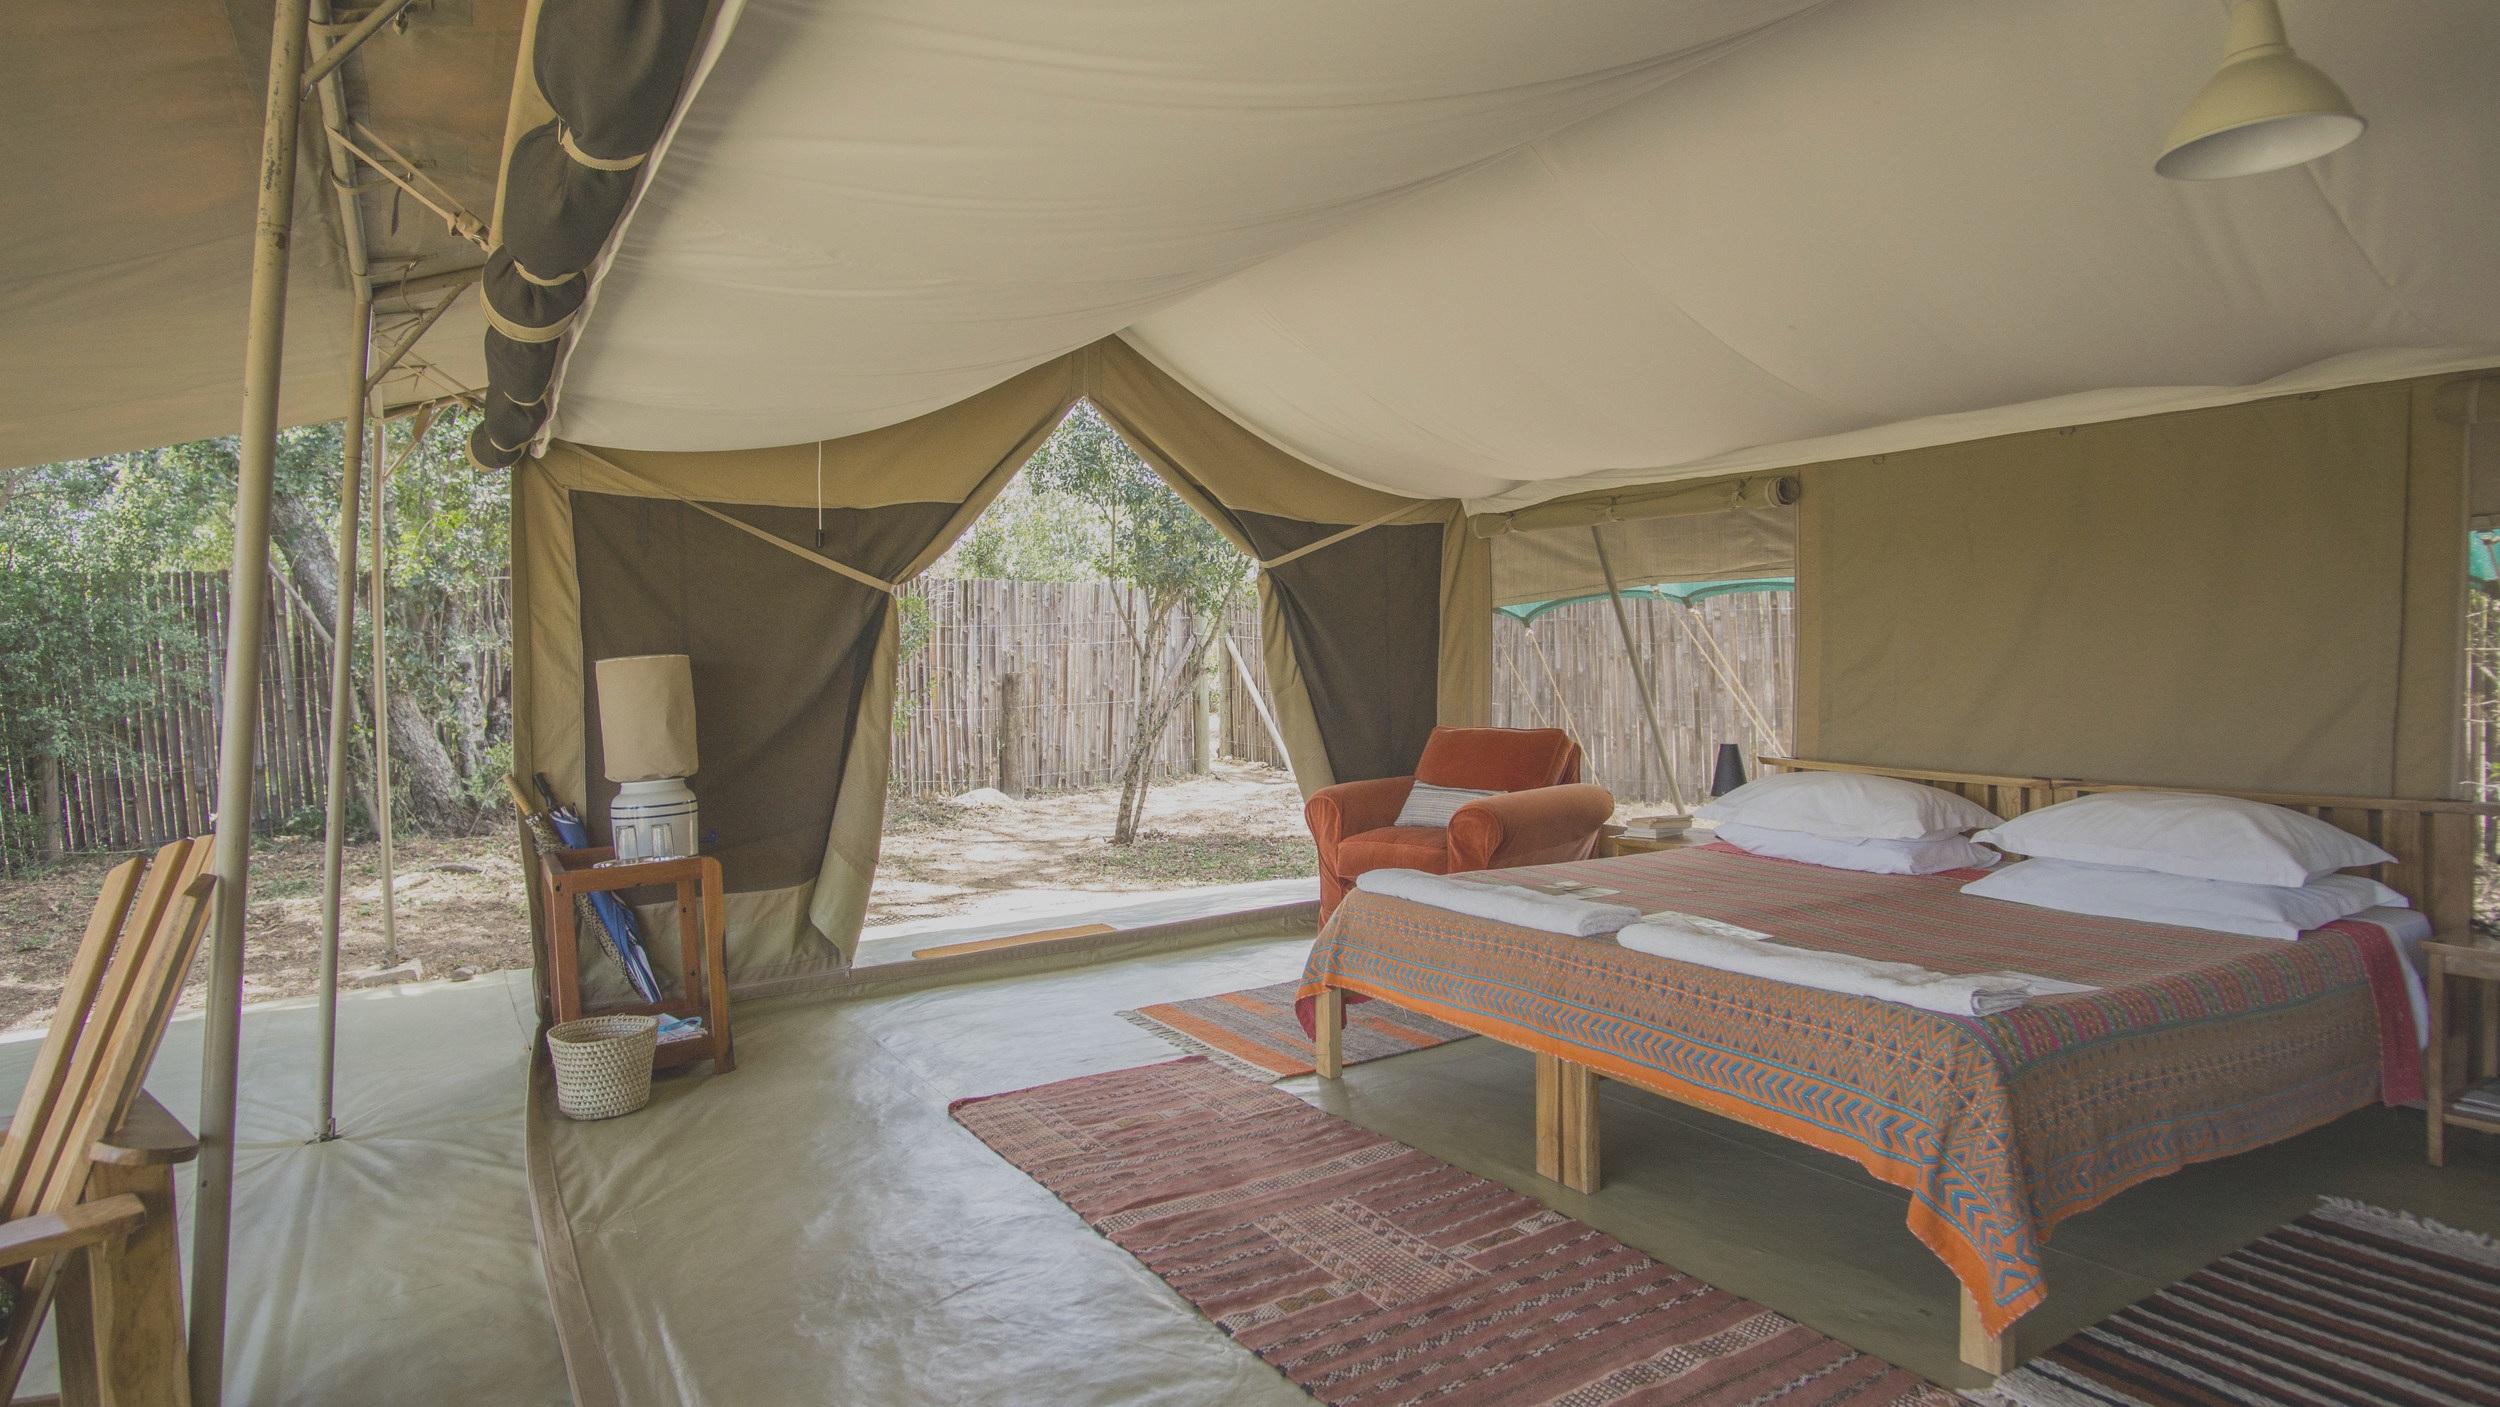 Ol Pejeta Bush Camp - Ol Pejeta Conservancy